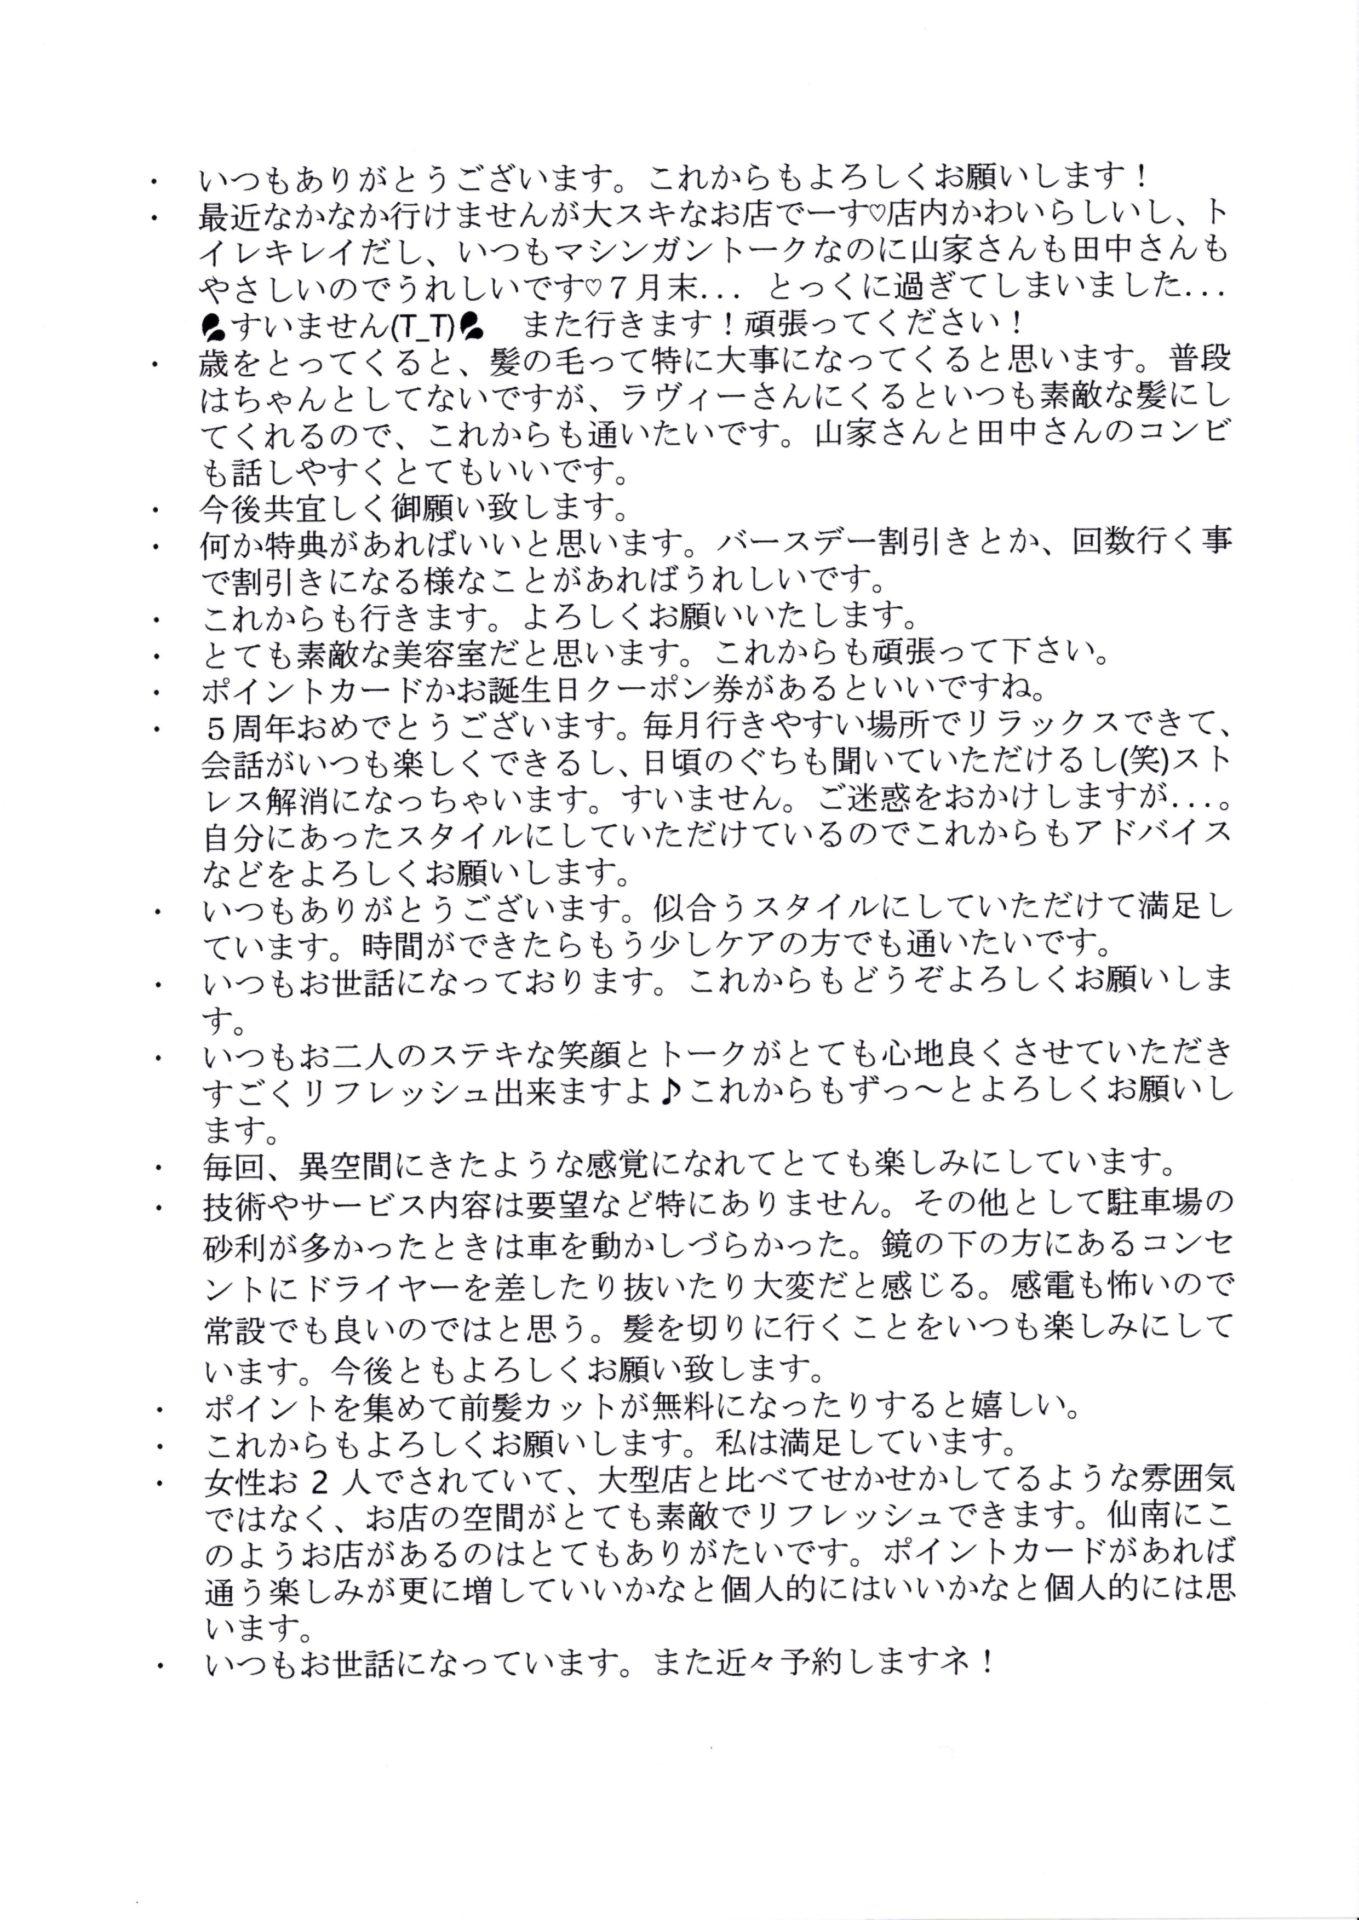 アンケート結果 最終号 5